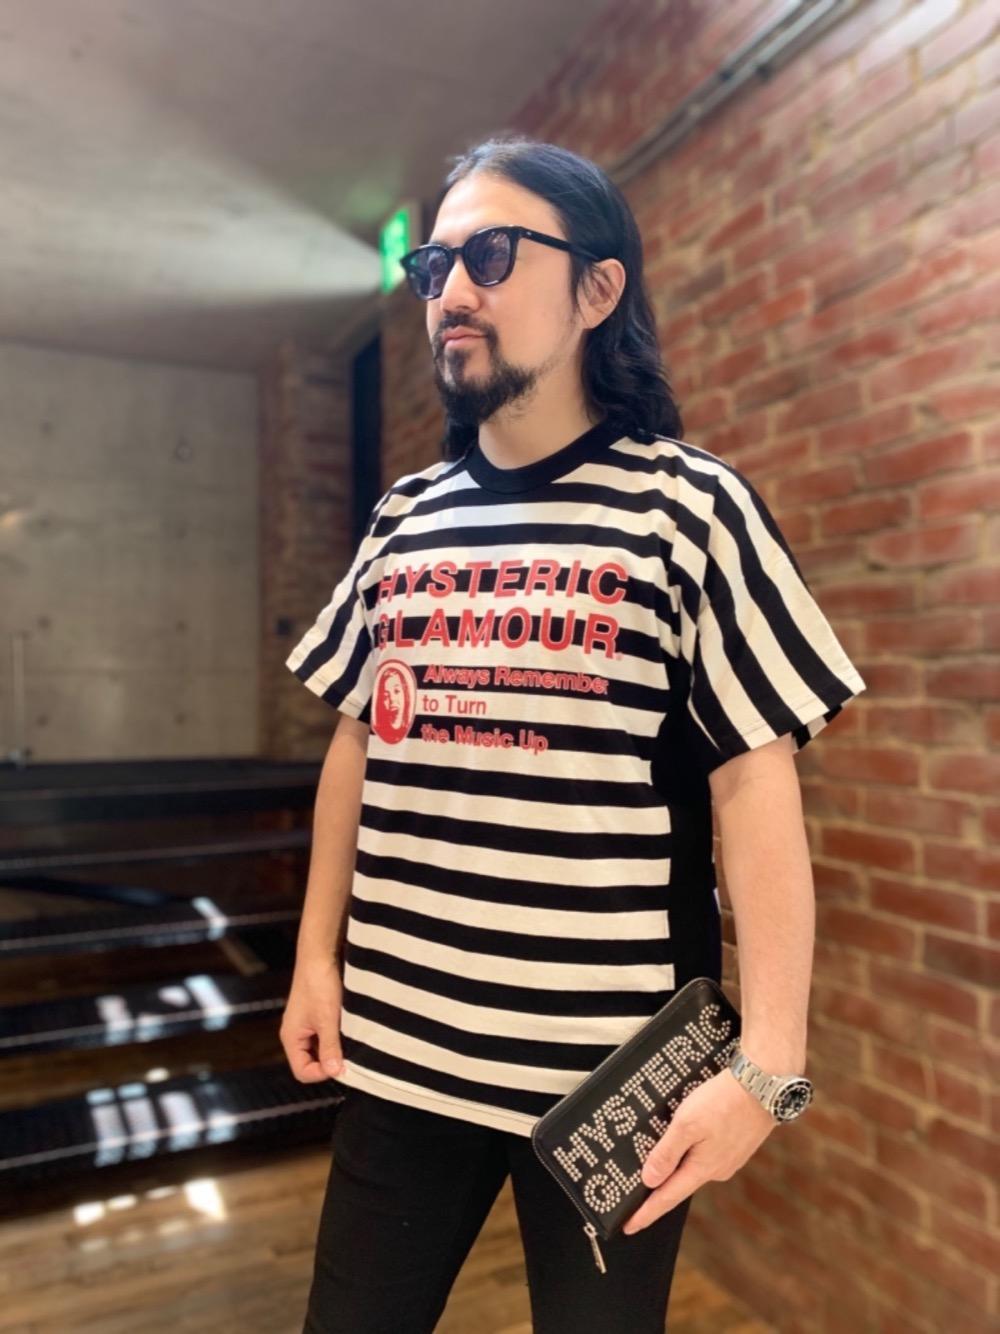 ヒステリックグラマーTシャツ